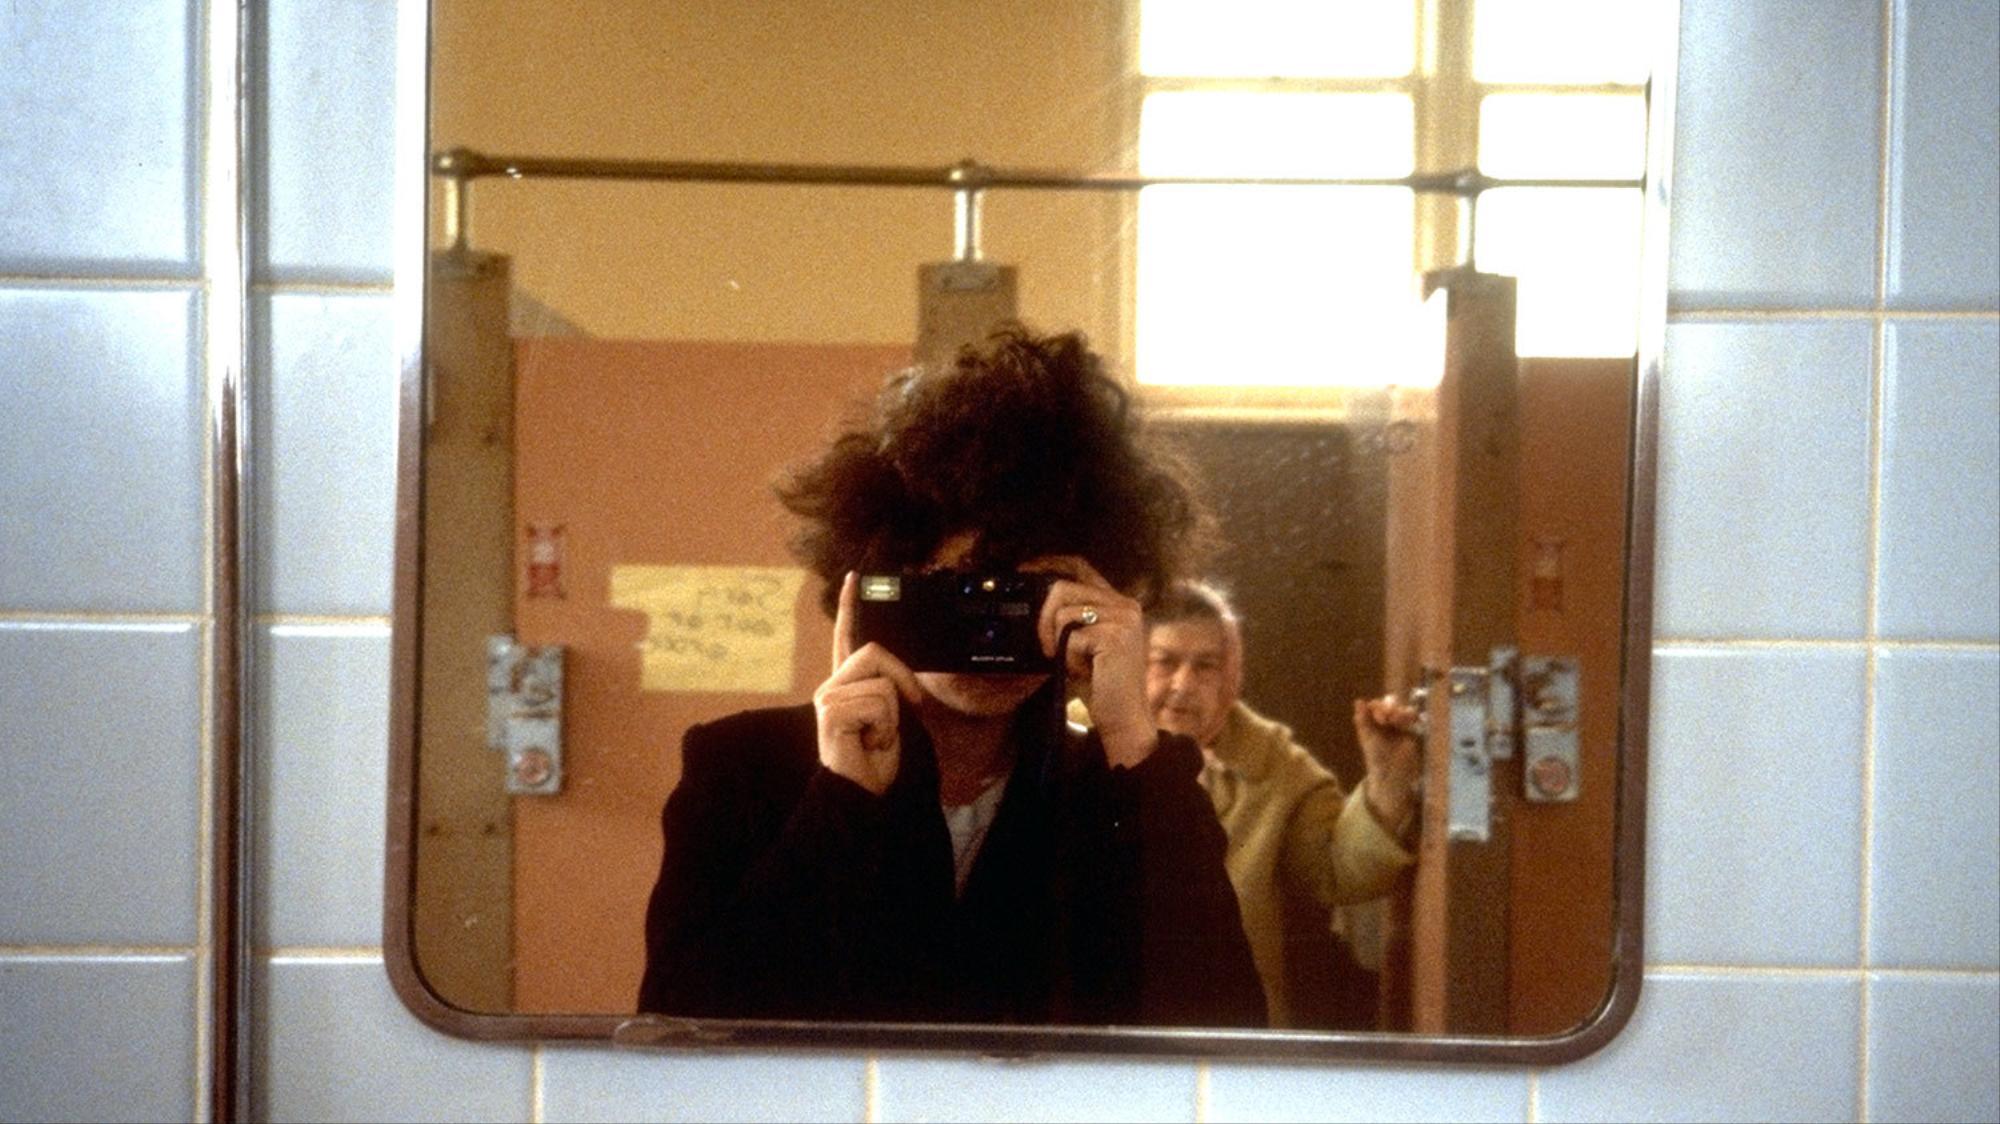 Telecamera nascosta nei bagni delle donne ~ Decora la tua vita